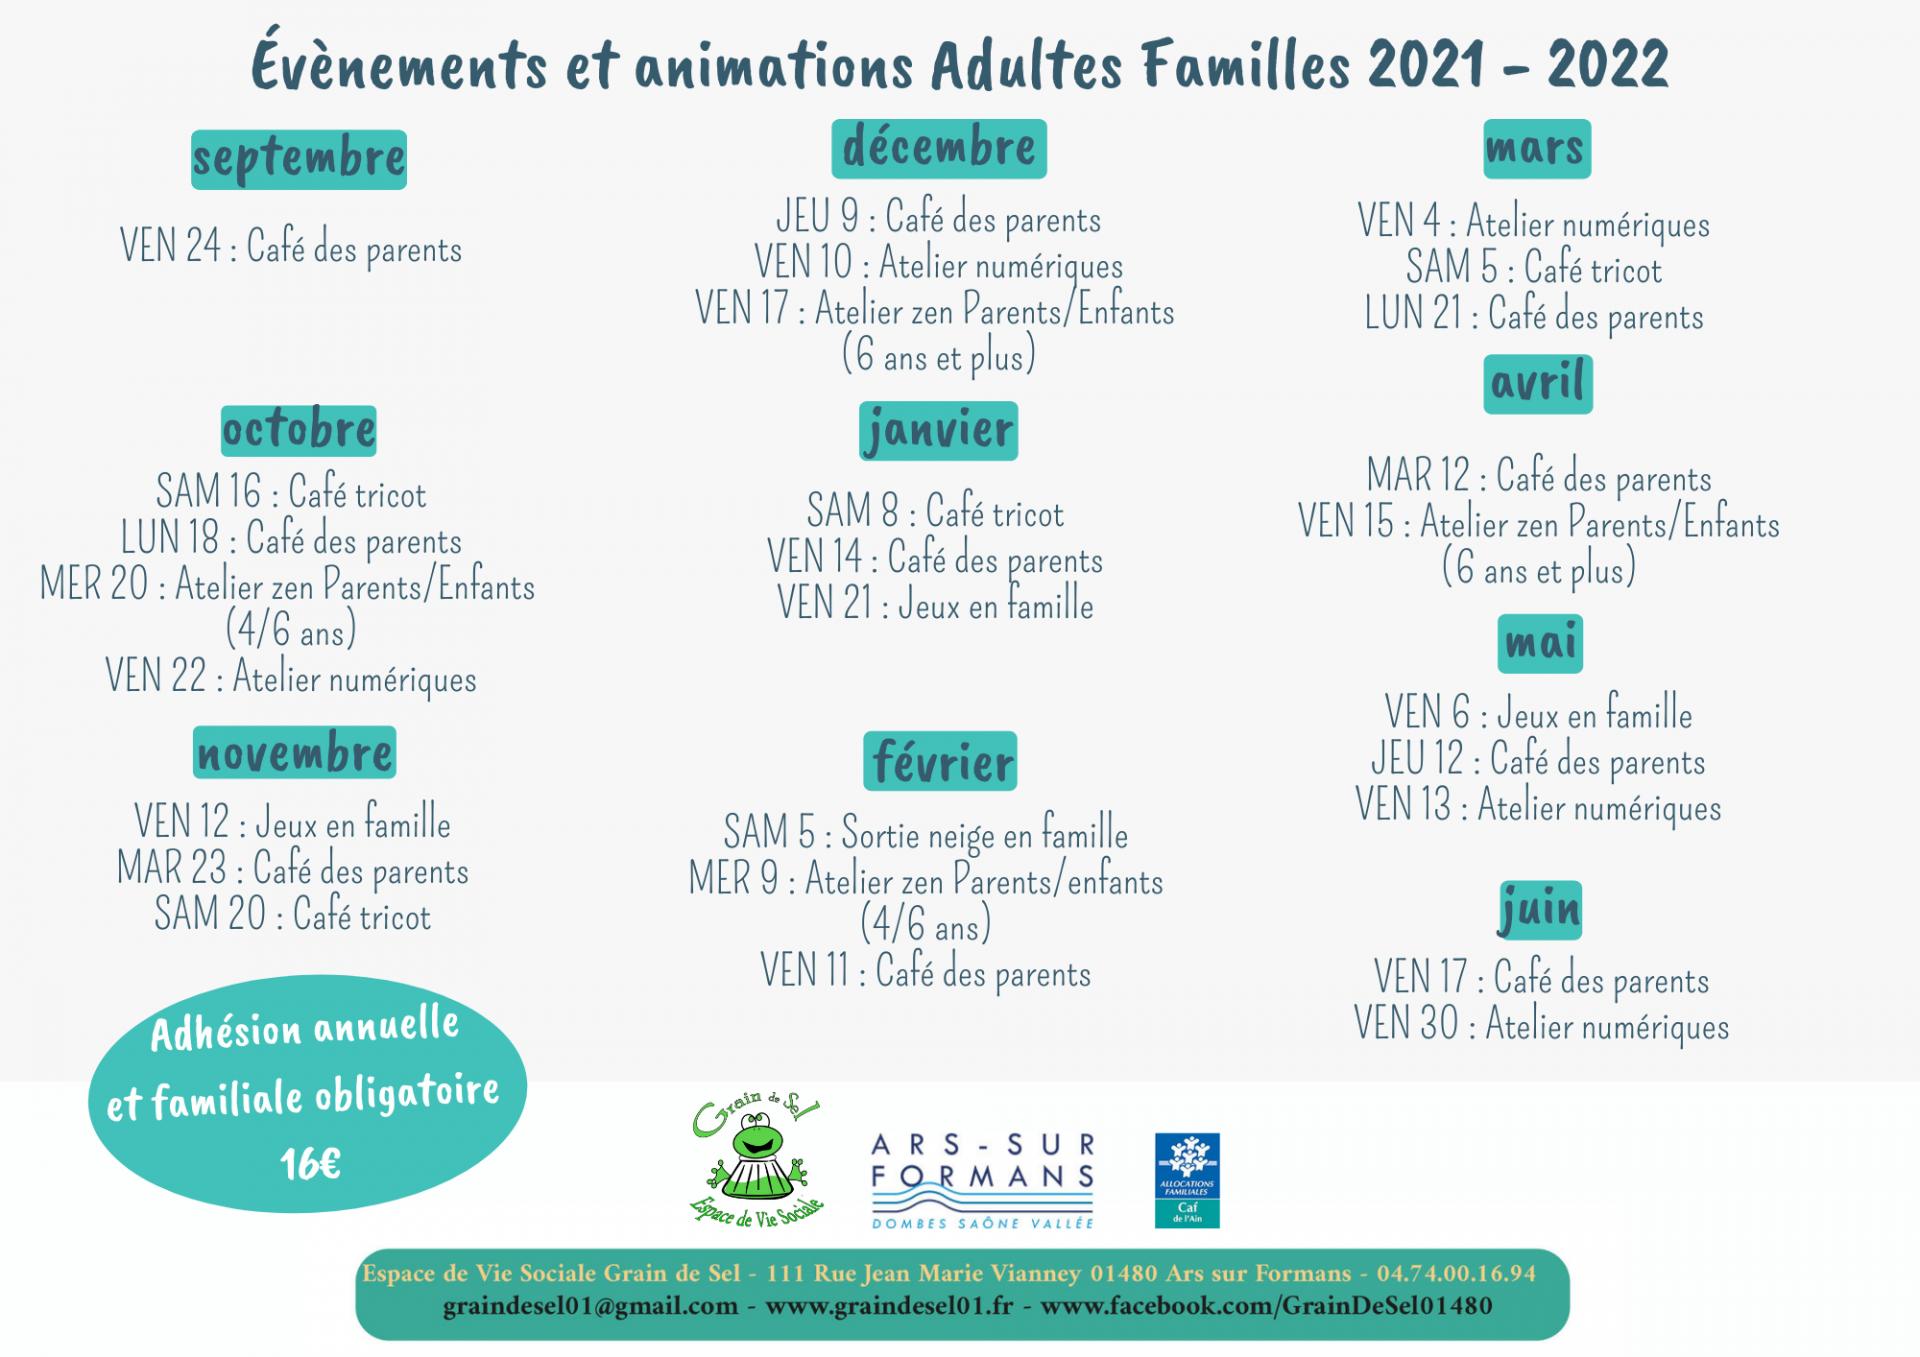 Evenements et animations adultes familles 2021 2022